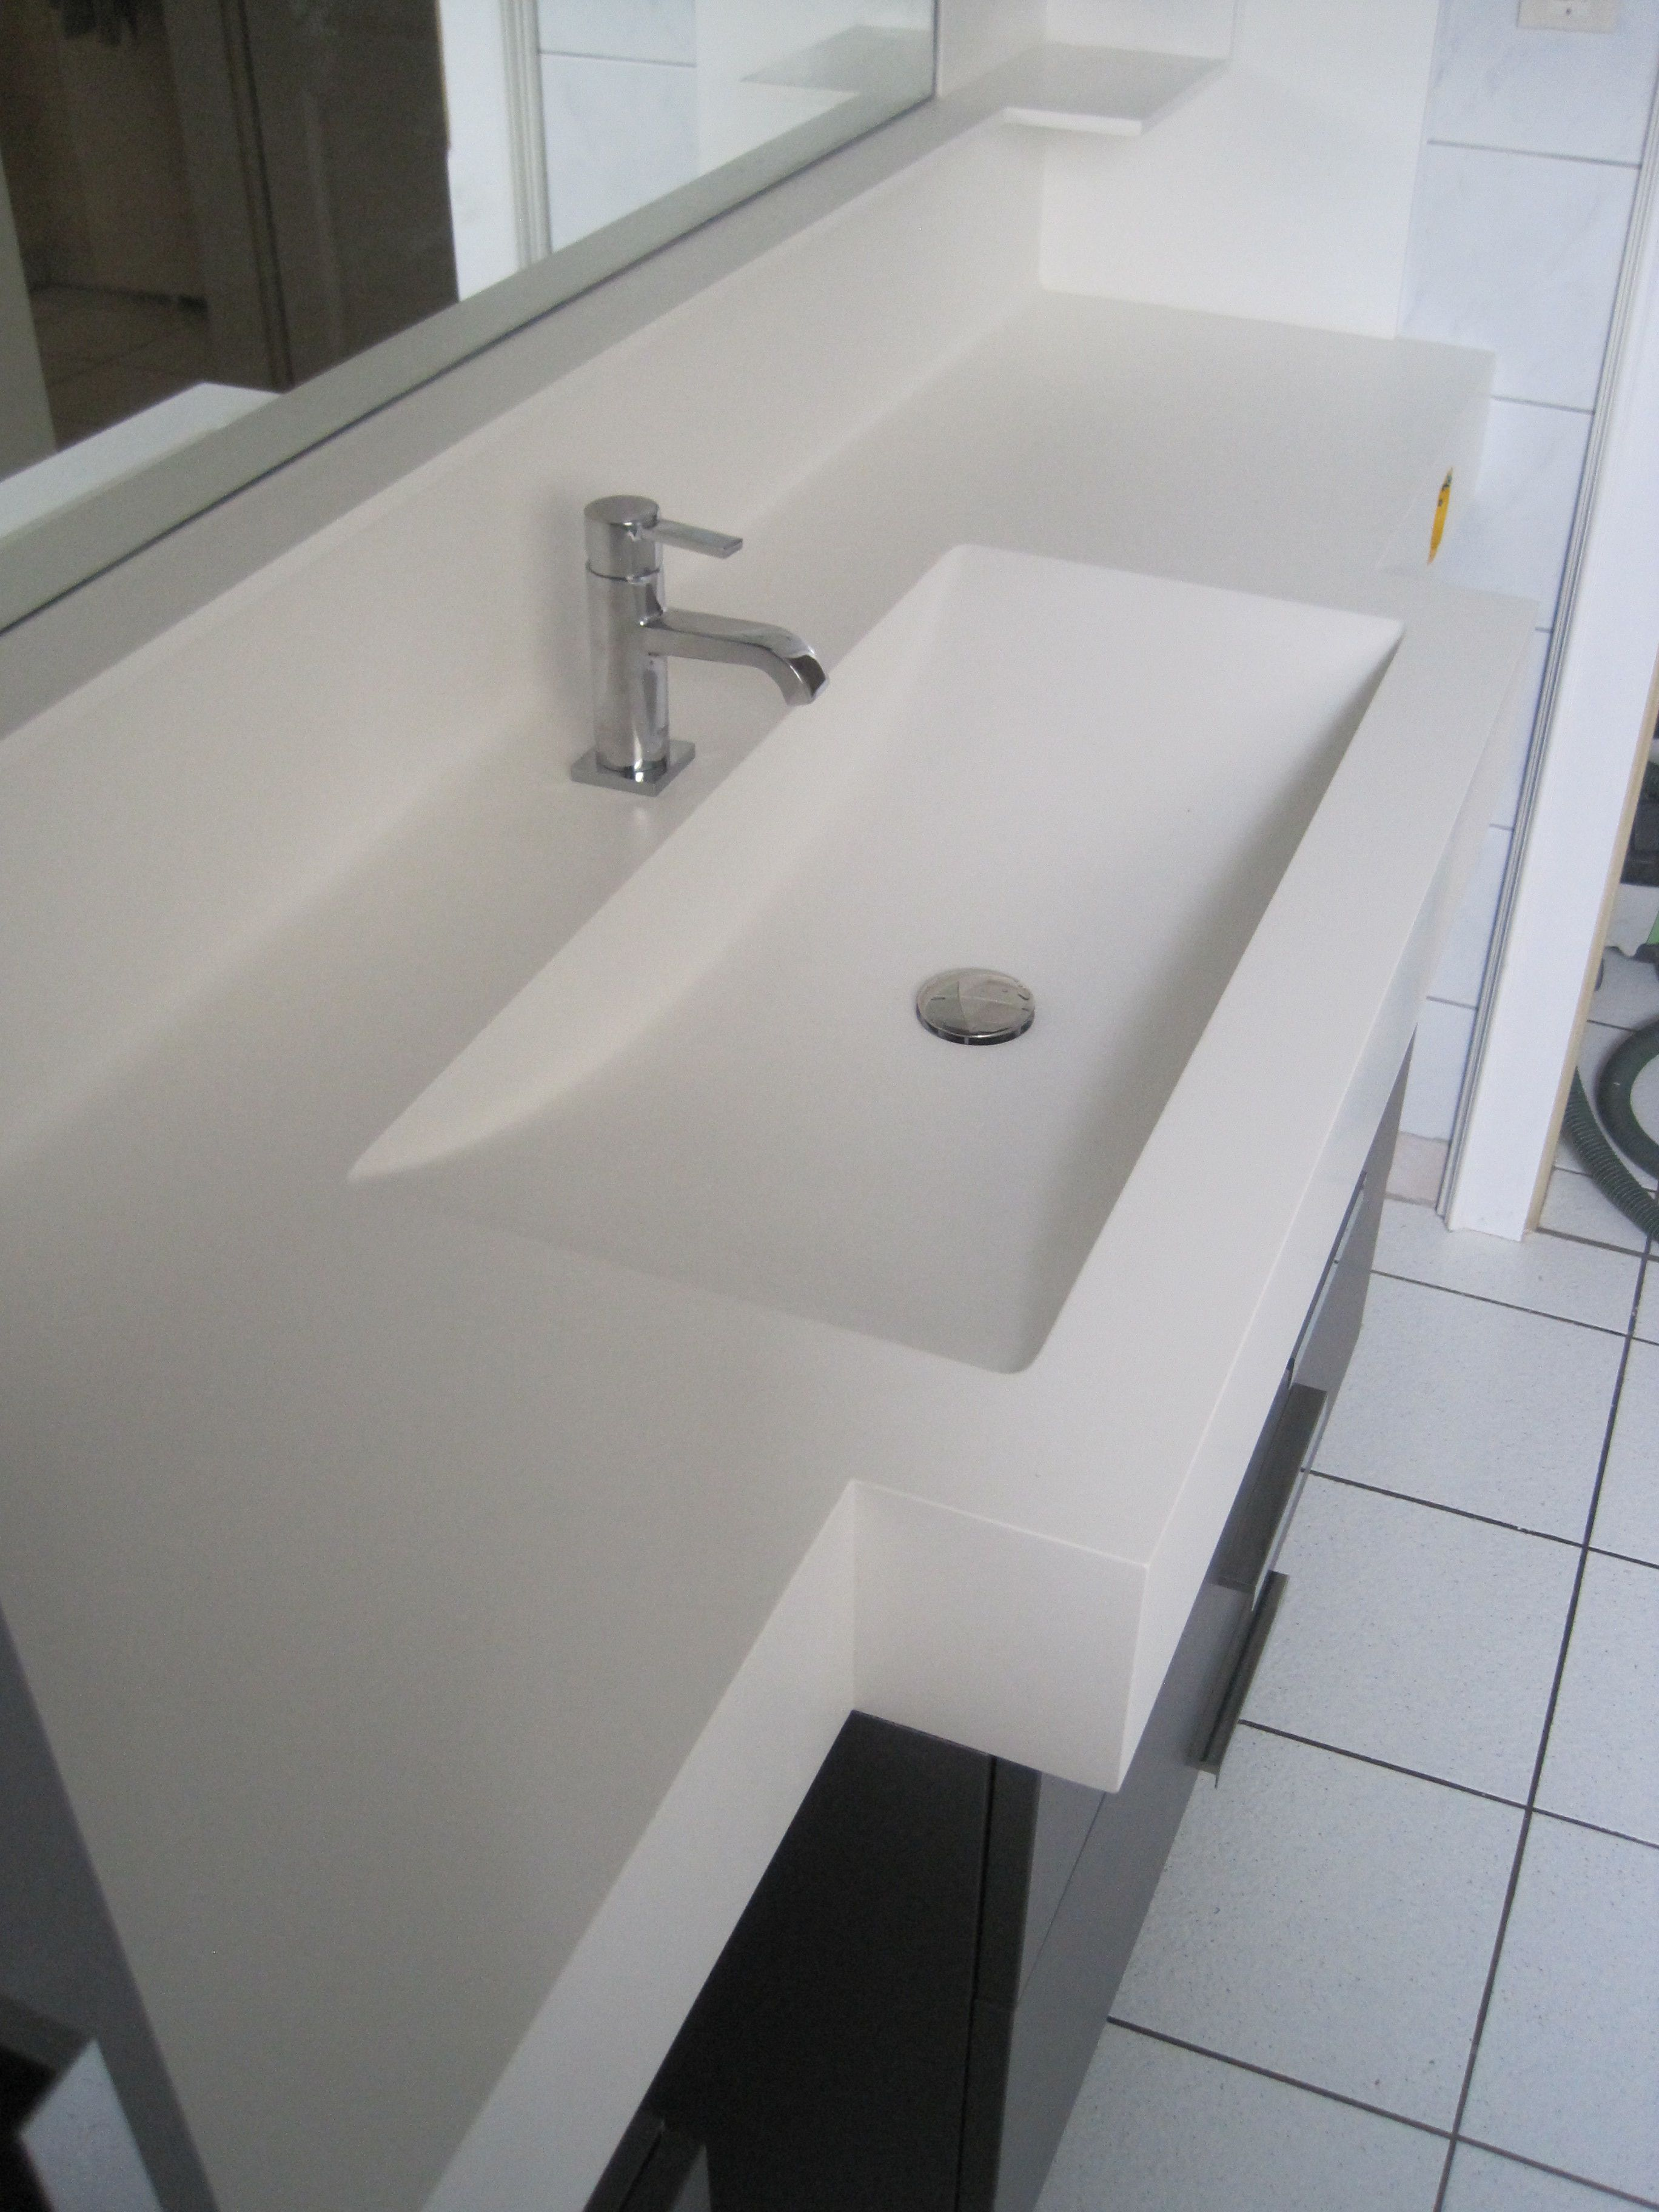 Plan Vasque Varicor Avec Vasque Cintree Sur Mesure Et Remonte Arriere Avec Tablette Plan Vasque Vasque Salle De Bain Vasque